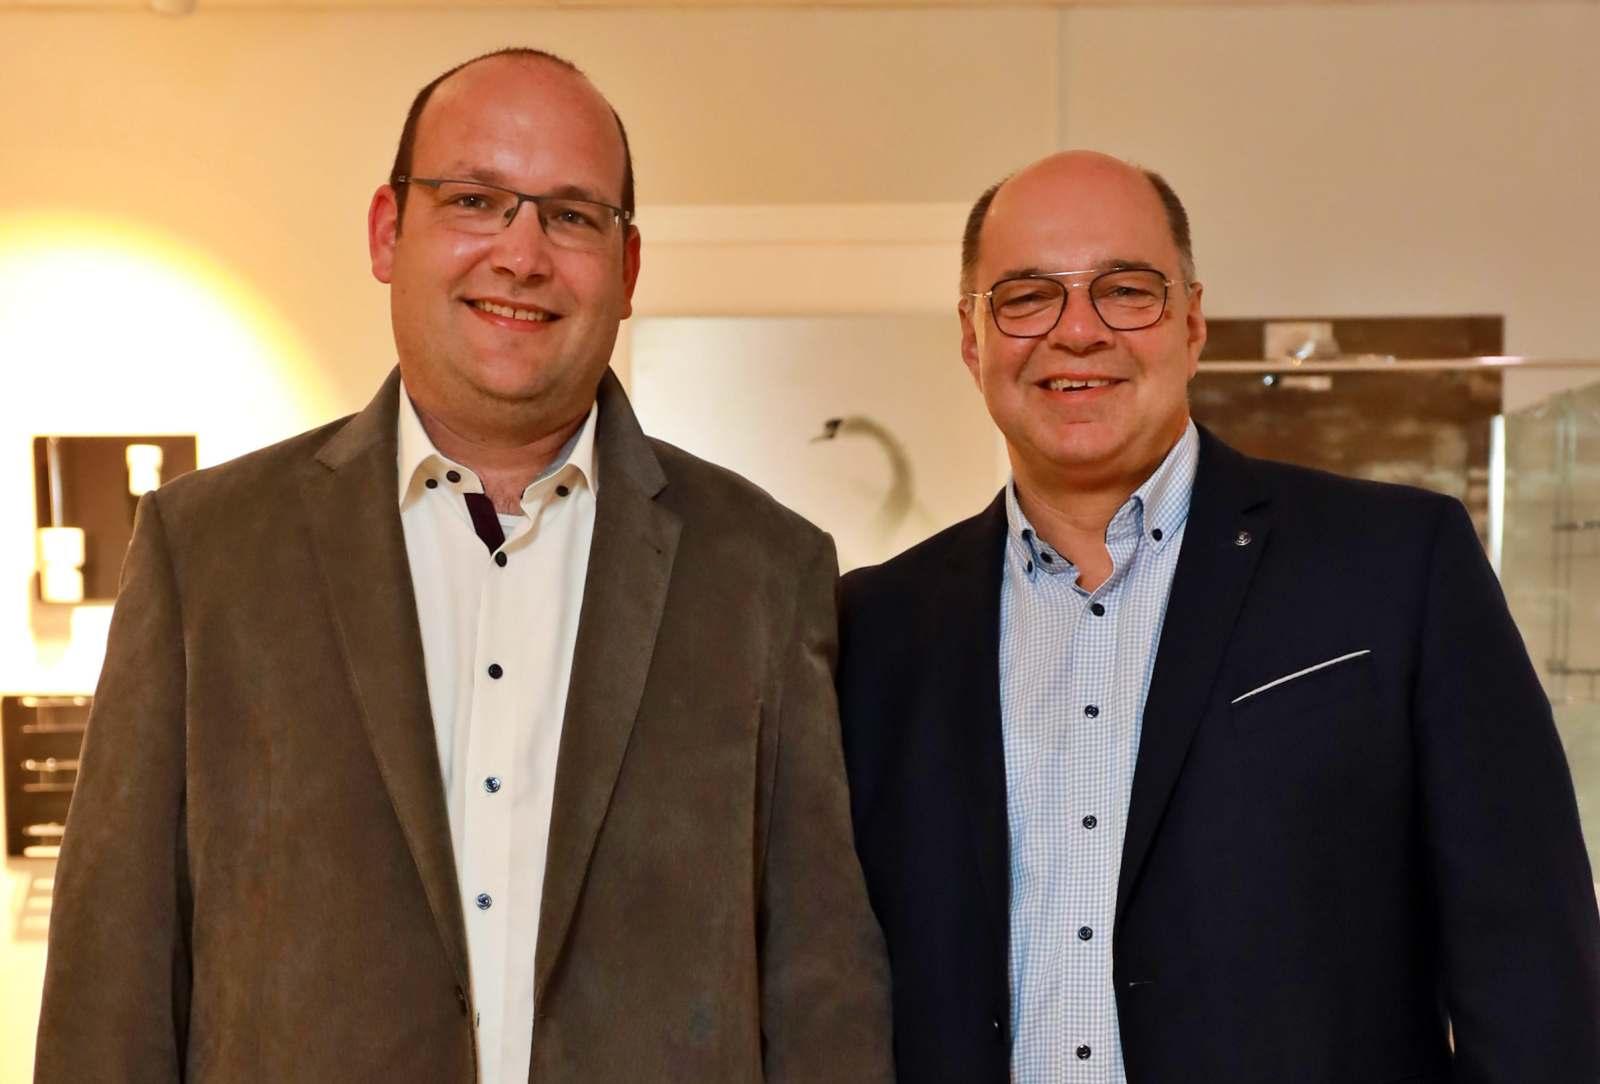 Timo Garriß, Manfred Mechlinski